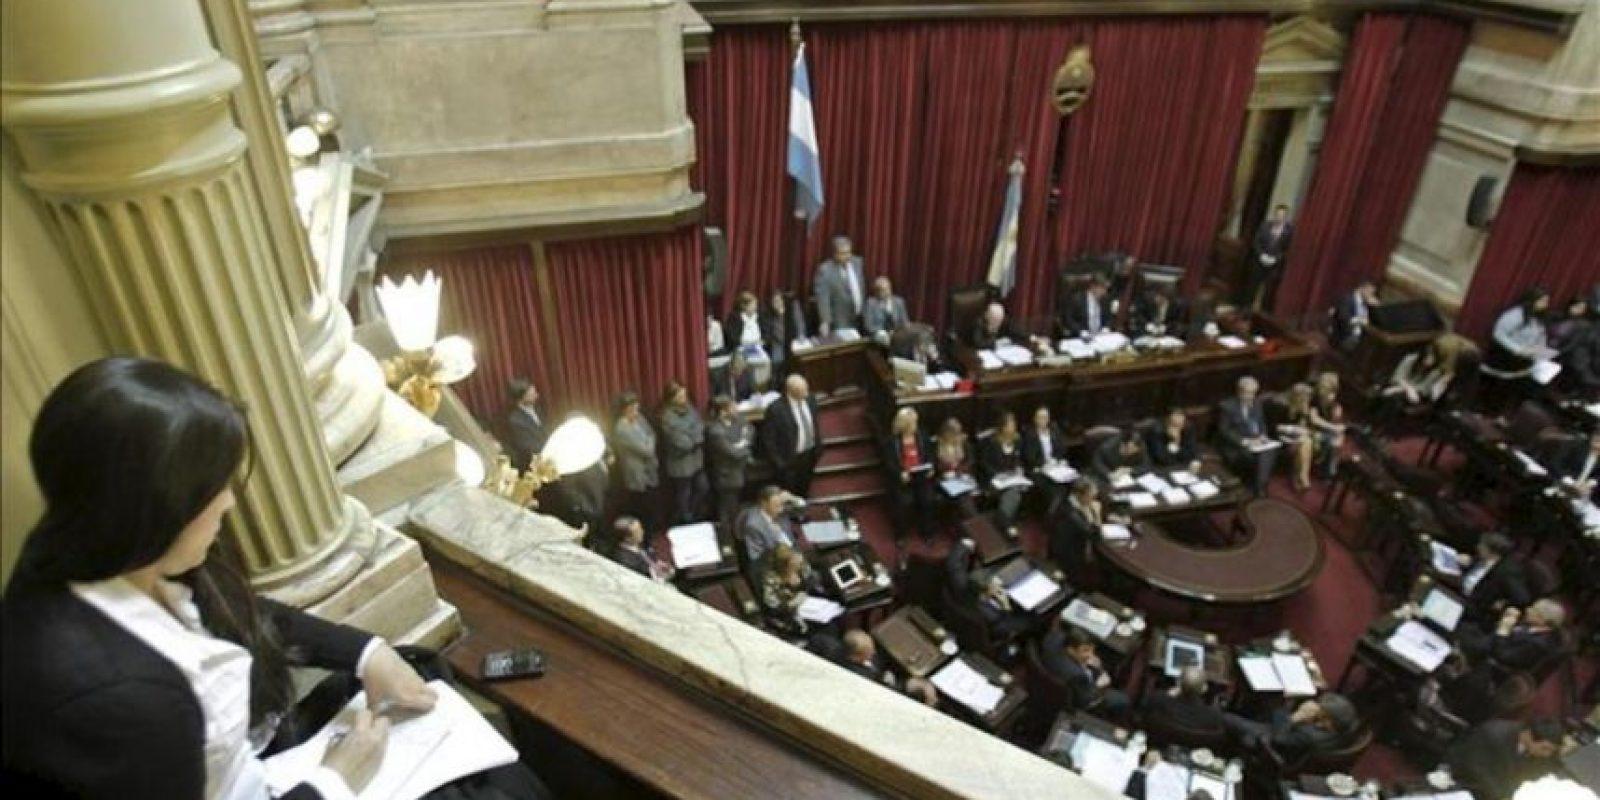 Una periodista acreditada en el Congreso Nacional toma notas en el debate sobre el proyecto de ley que impulsa el Gobierno para la expropiación del 51 por ciento de las acciones de la petrolera YPF a la española Repsol en Buenos Aires (Argentina). EFE